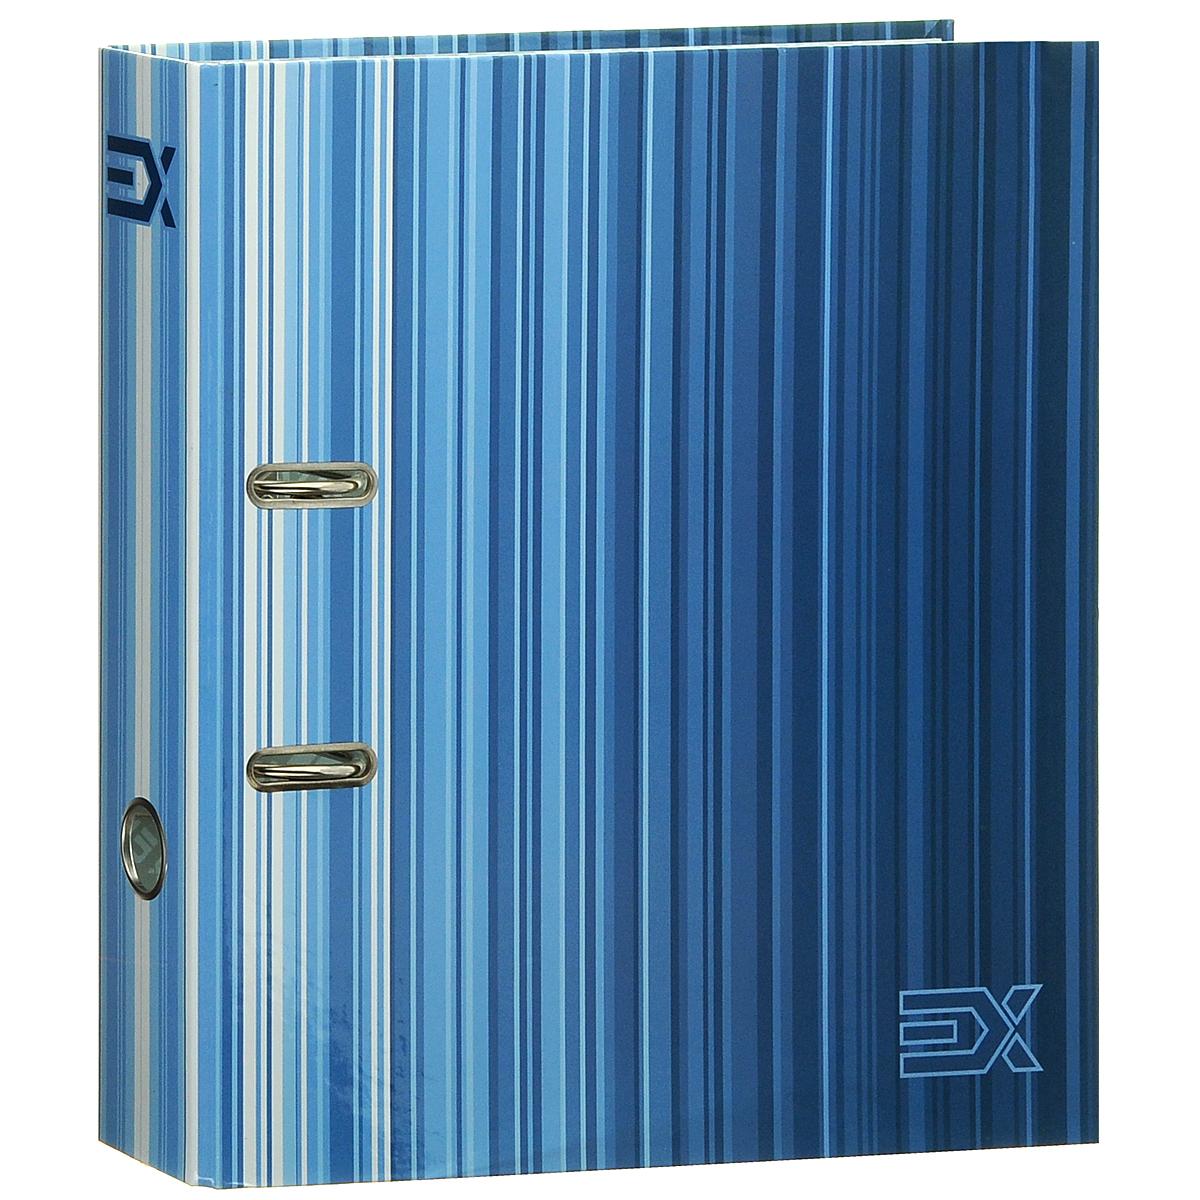 Index Папка-регистратор Extra цвет синий белыйPF317-TF-04Папка-регистратор Index Extra незаменима для работы с большими объемами бумаг дома и в офисе.Папка изготовлена из износостойкого высококачественного картона толщиной 2 мм, имеет ламинацию как снаружи, так и внутри. Папка оснащена прочным металлическим арочным механизмом, обеспечивающим надежную фиксацию перфорированных бумаг и документов формата А4. На торце папки расположено металлическое кольцо для удобства использования. Обложка папки оформлена полосками различных оттенков.Папка-регистратор станет вашим надежным помощником, она упростит работу с бумагами и документами и защитит их от повреждения, пыли и влаги.